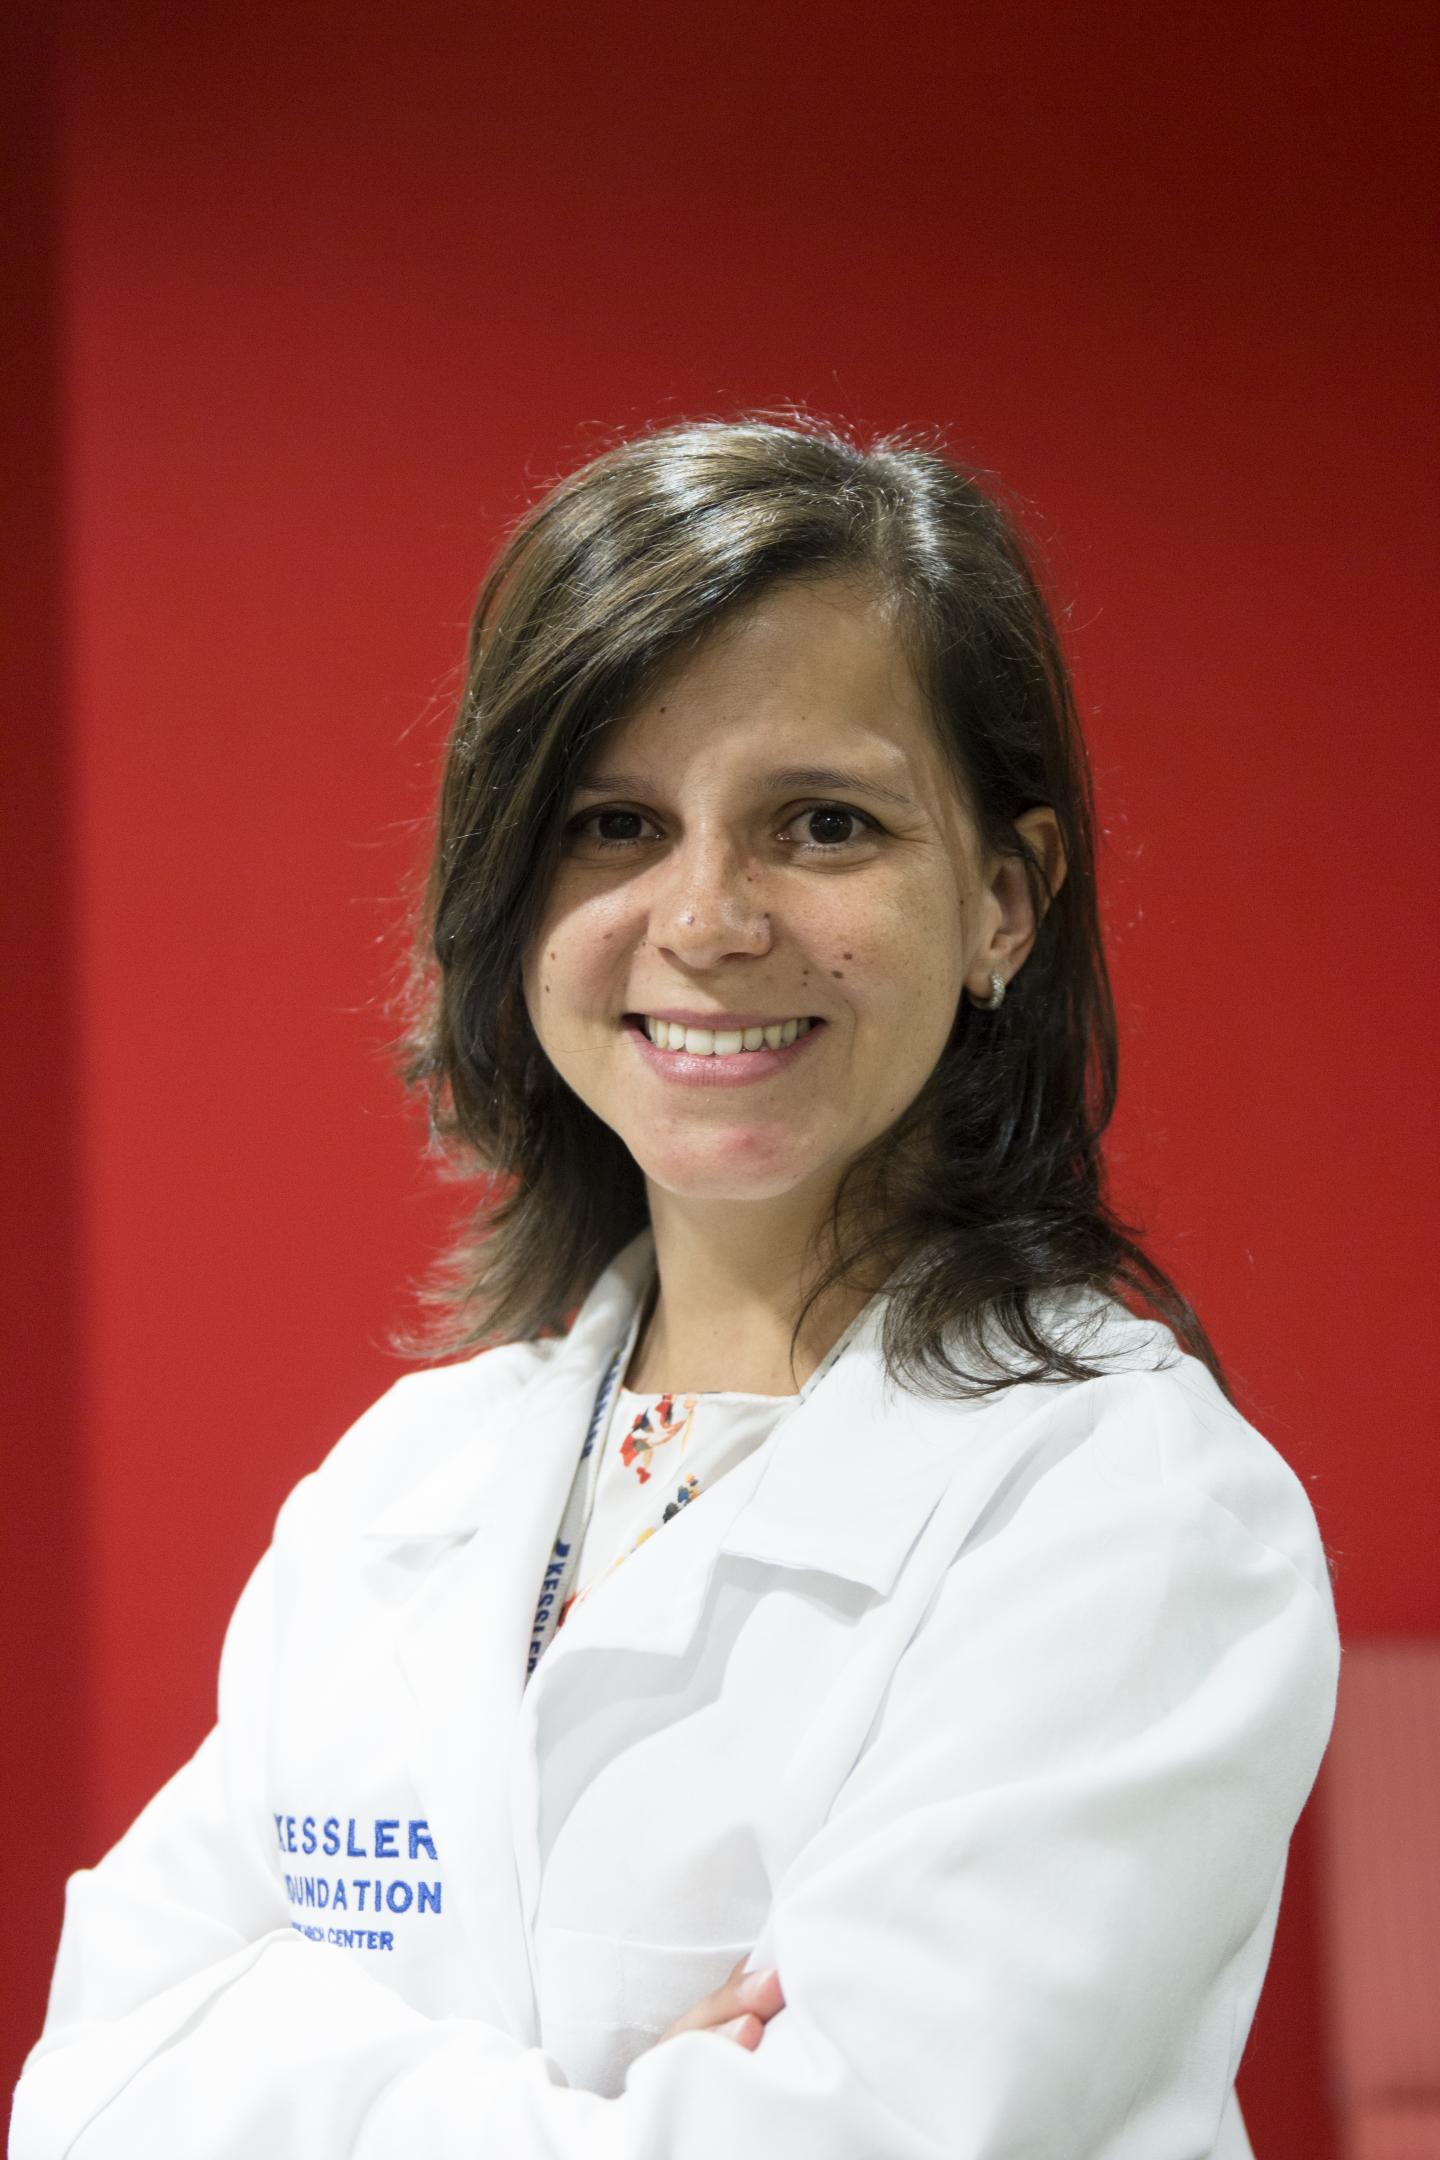 Silvana L. Costa, Kessler Foundation